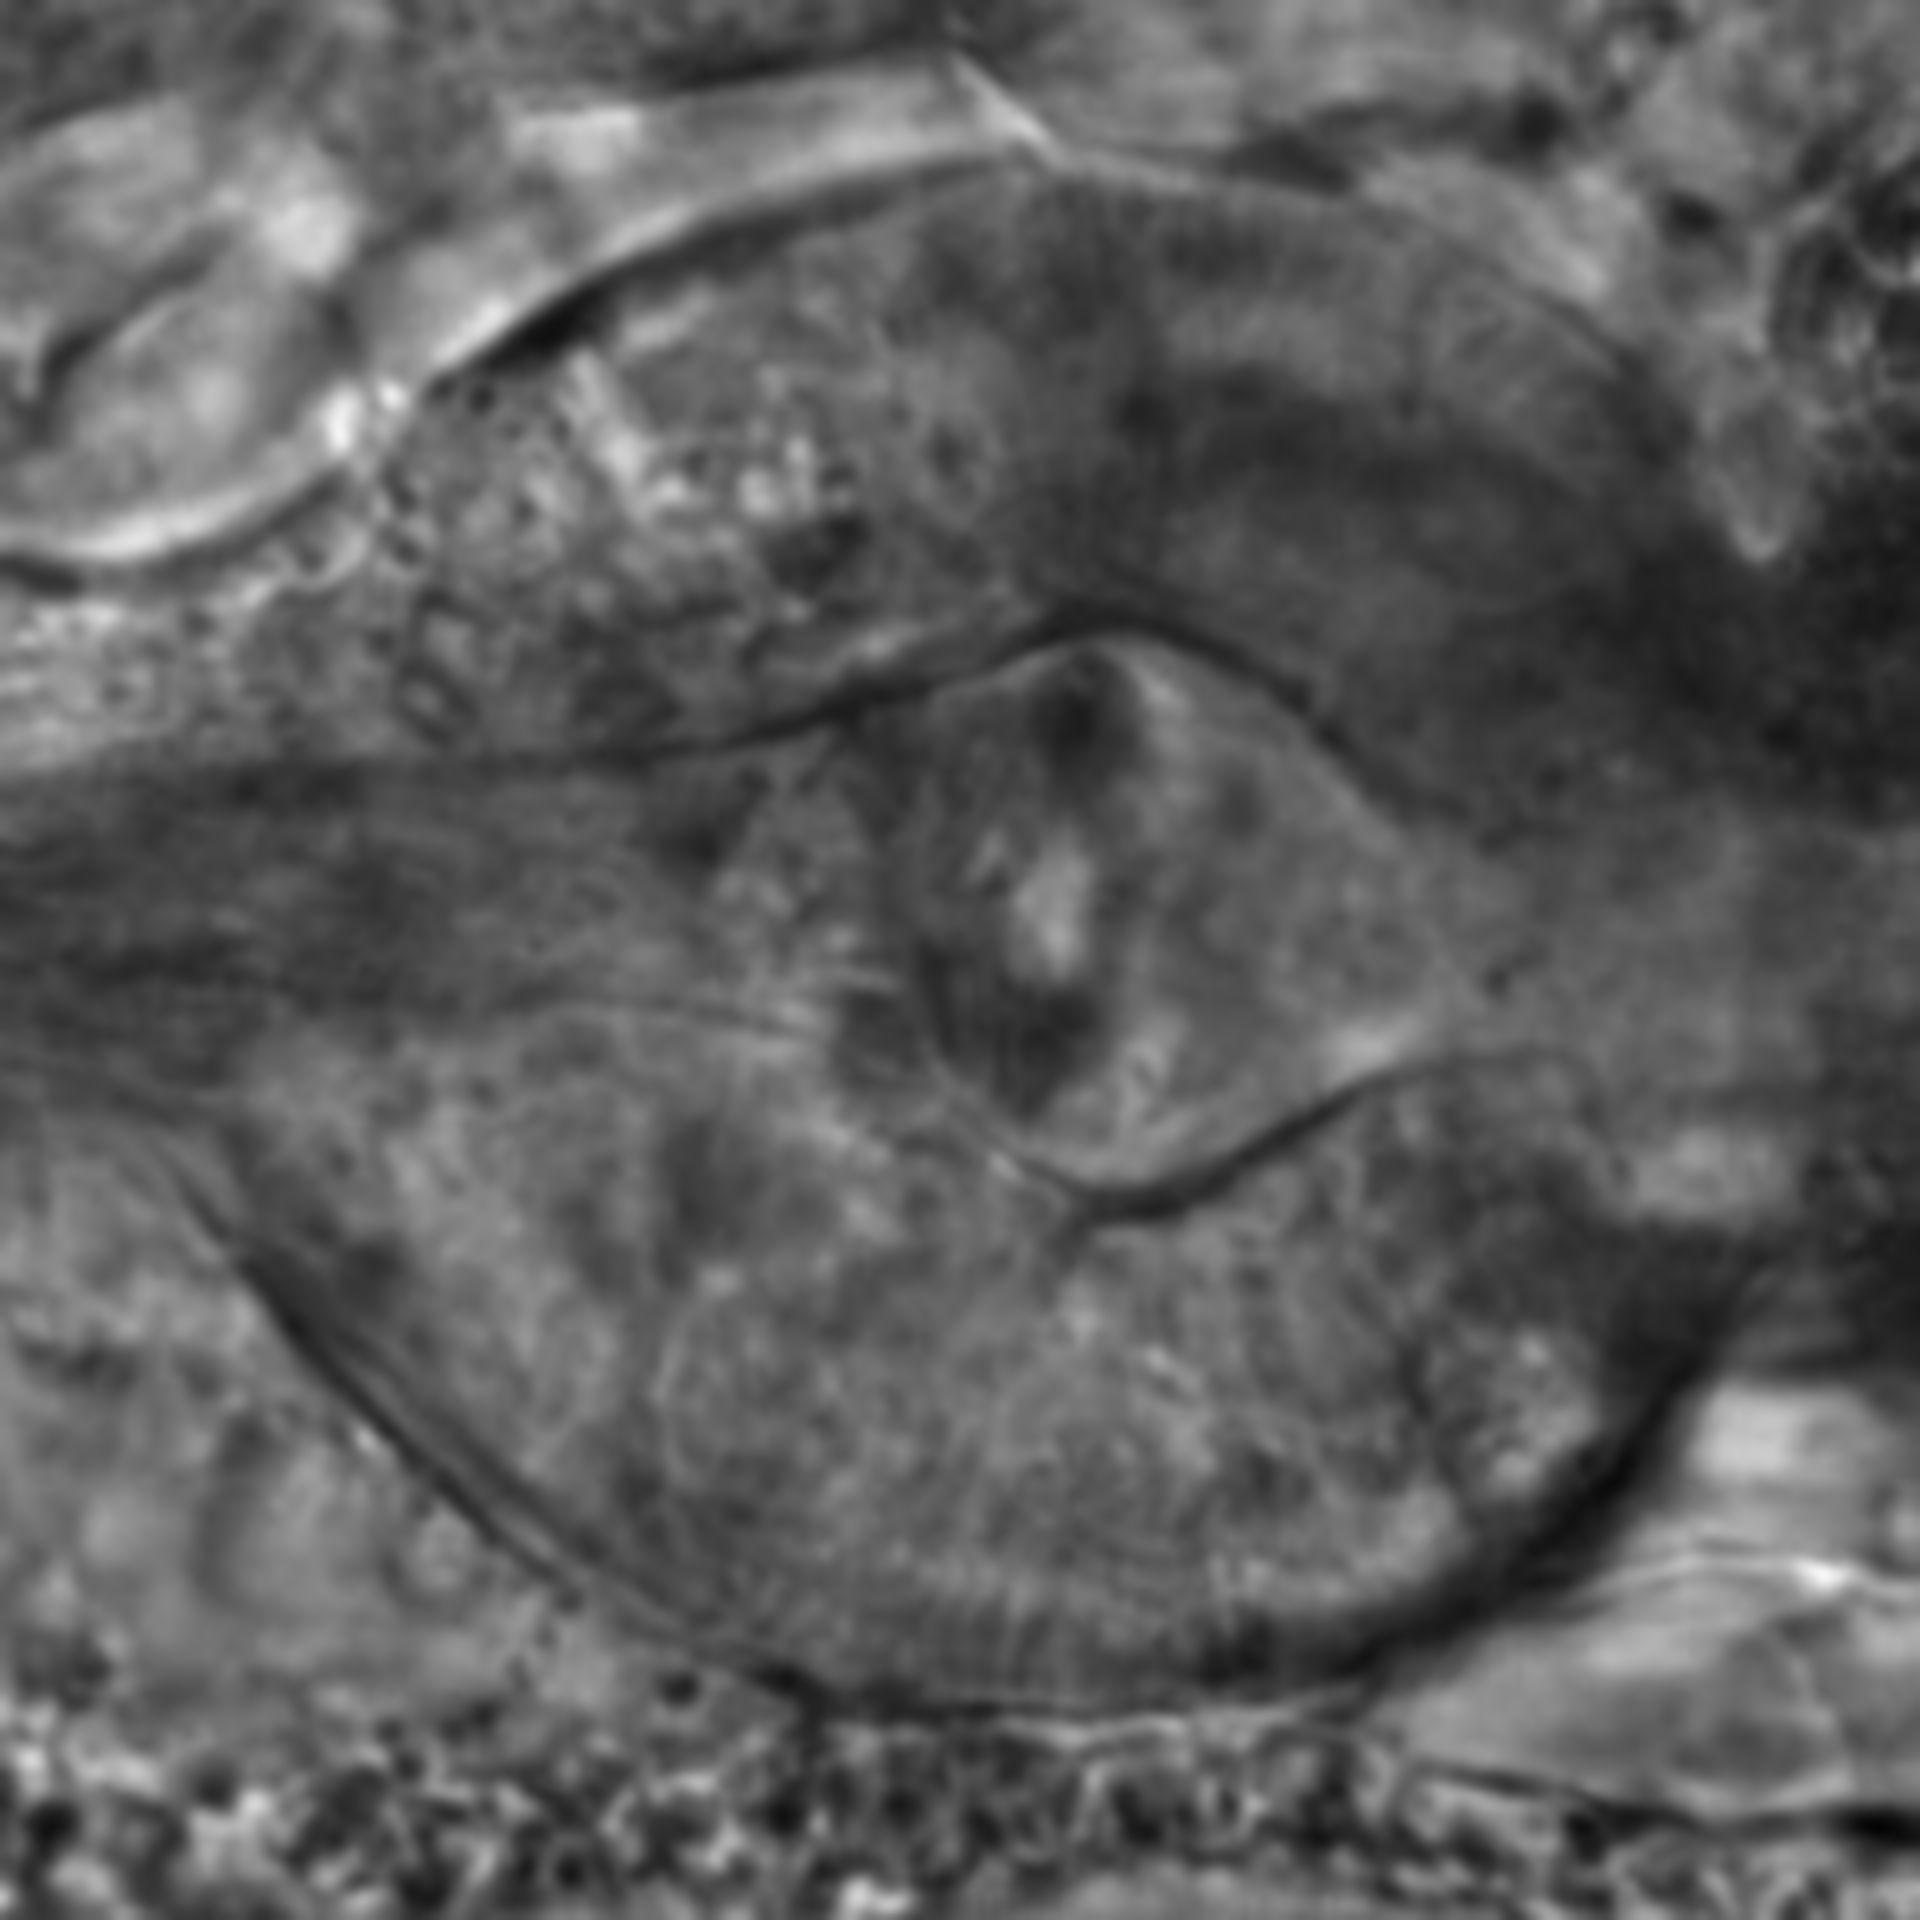 Caenorhabditis elegans - CIL:2550